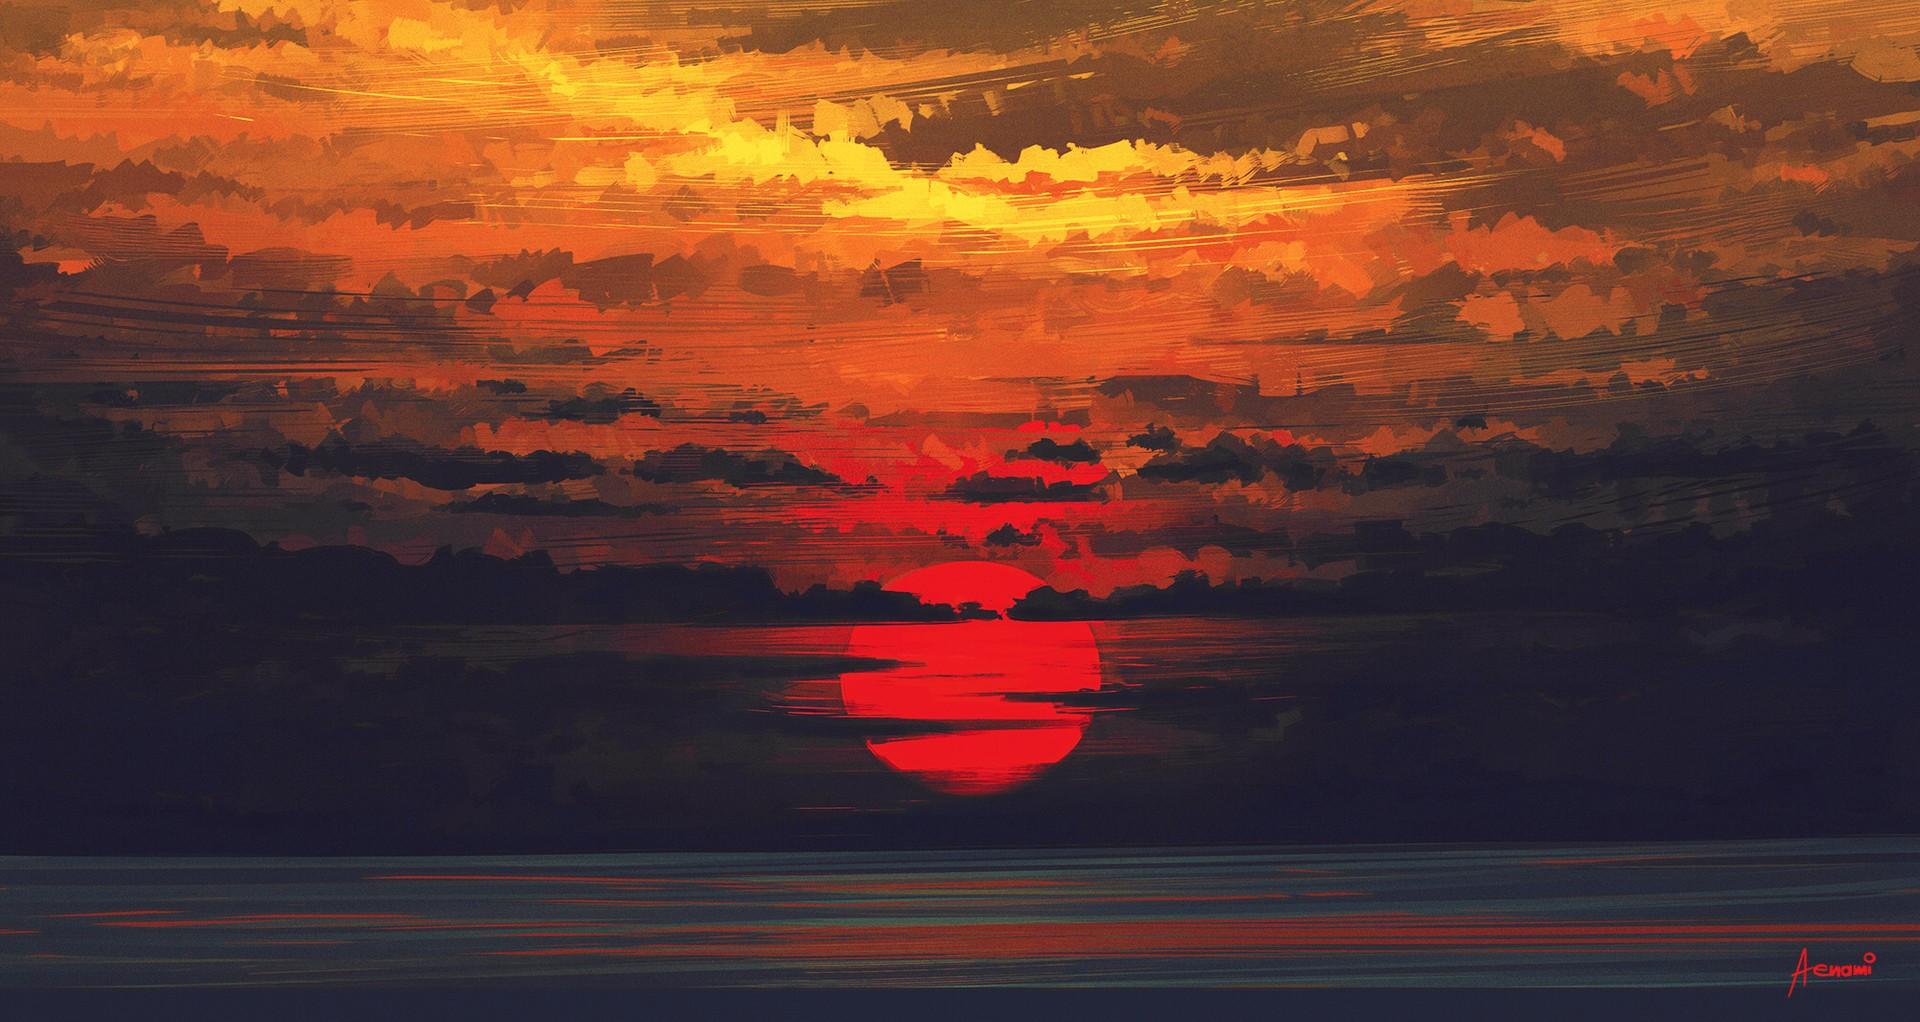 Fond Décran Paysage La Peinture Le Coucher Du Soleil Réflexion